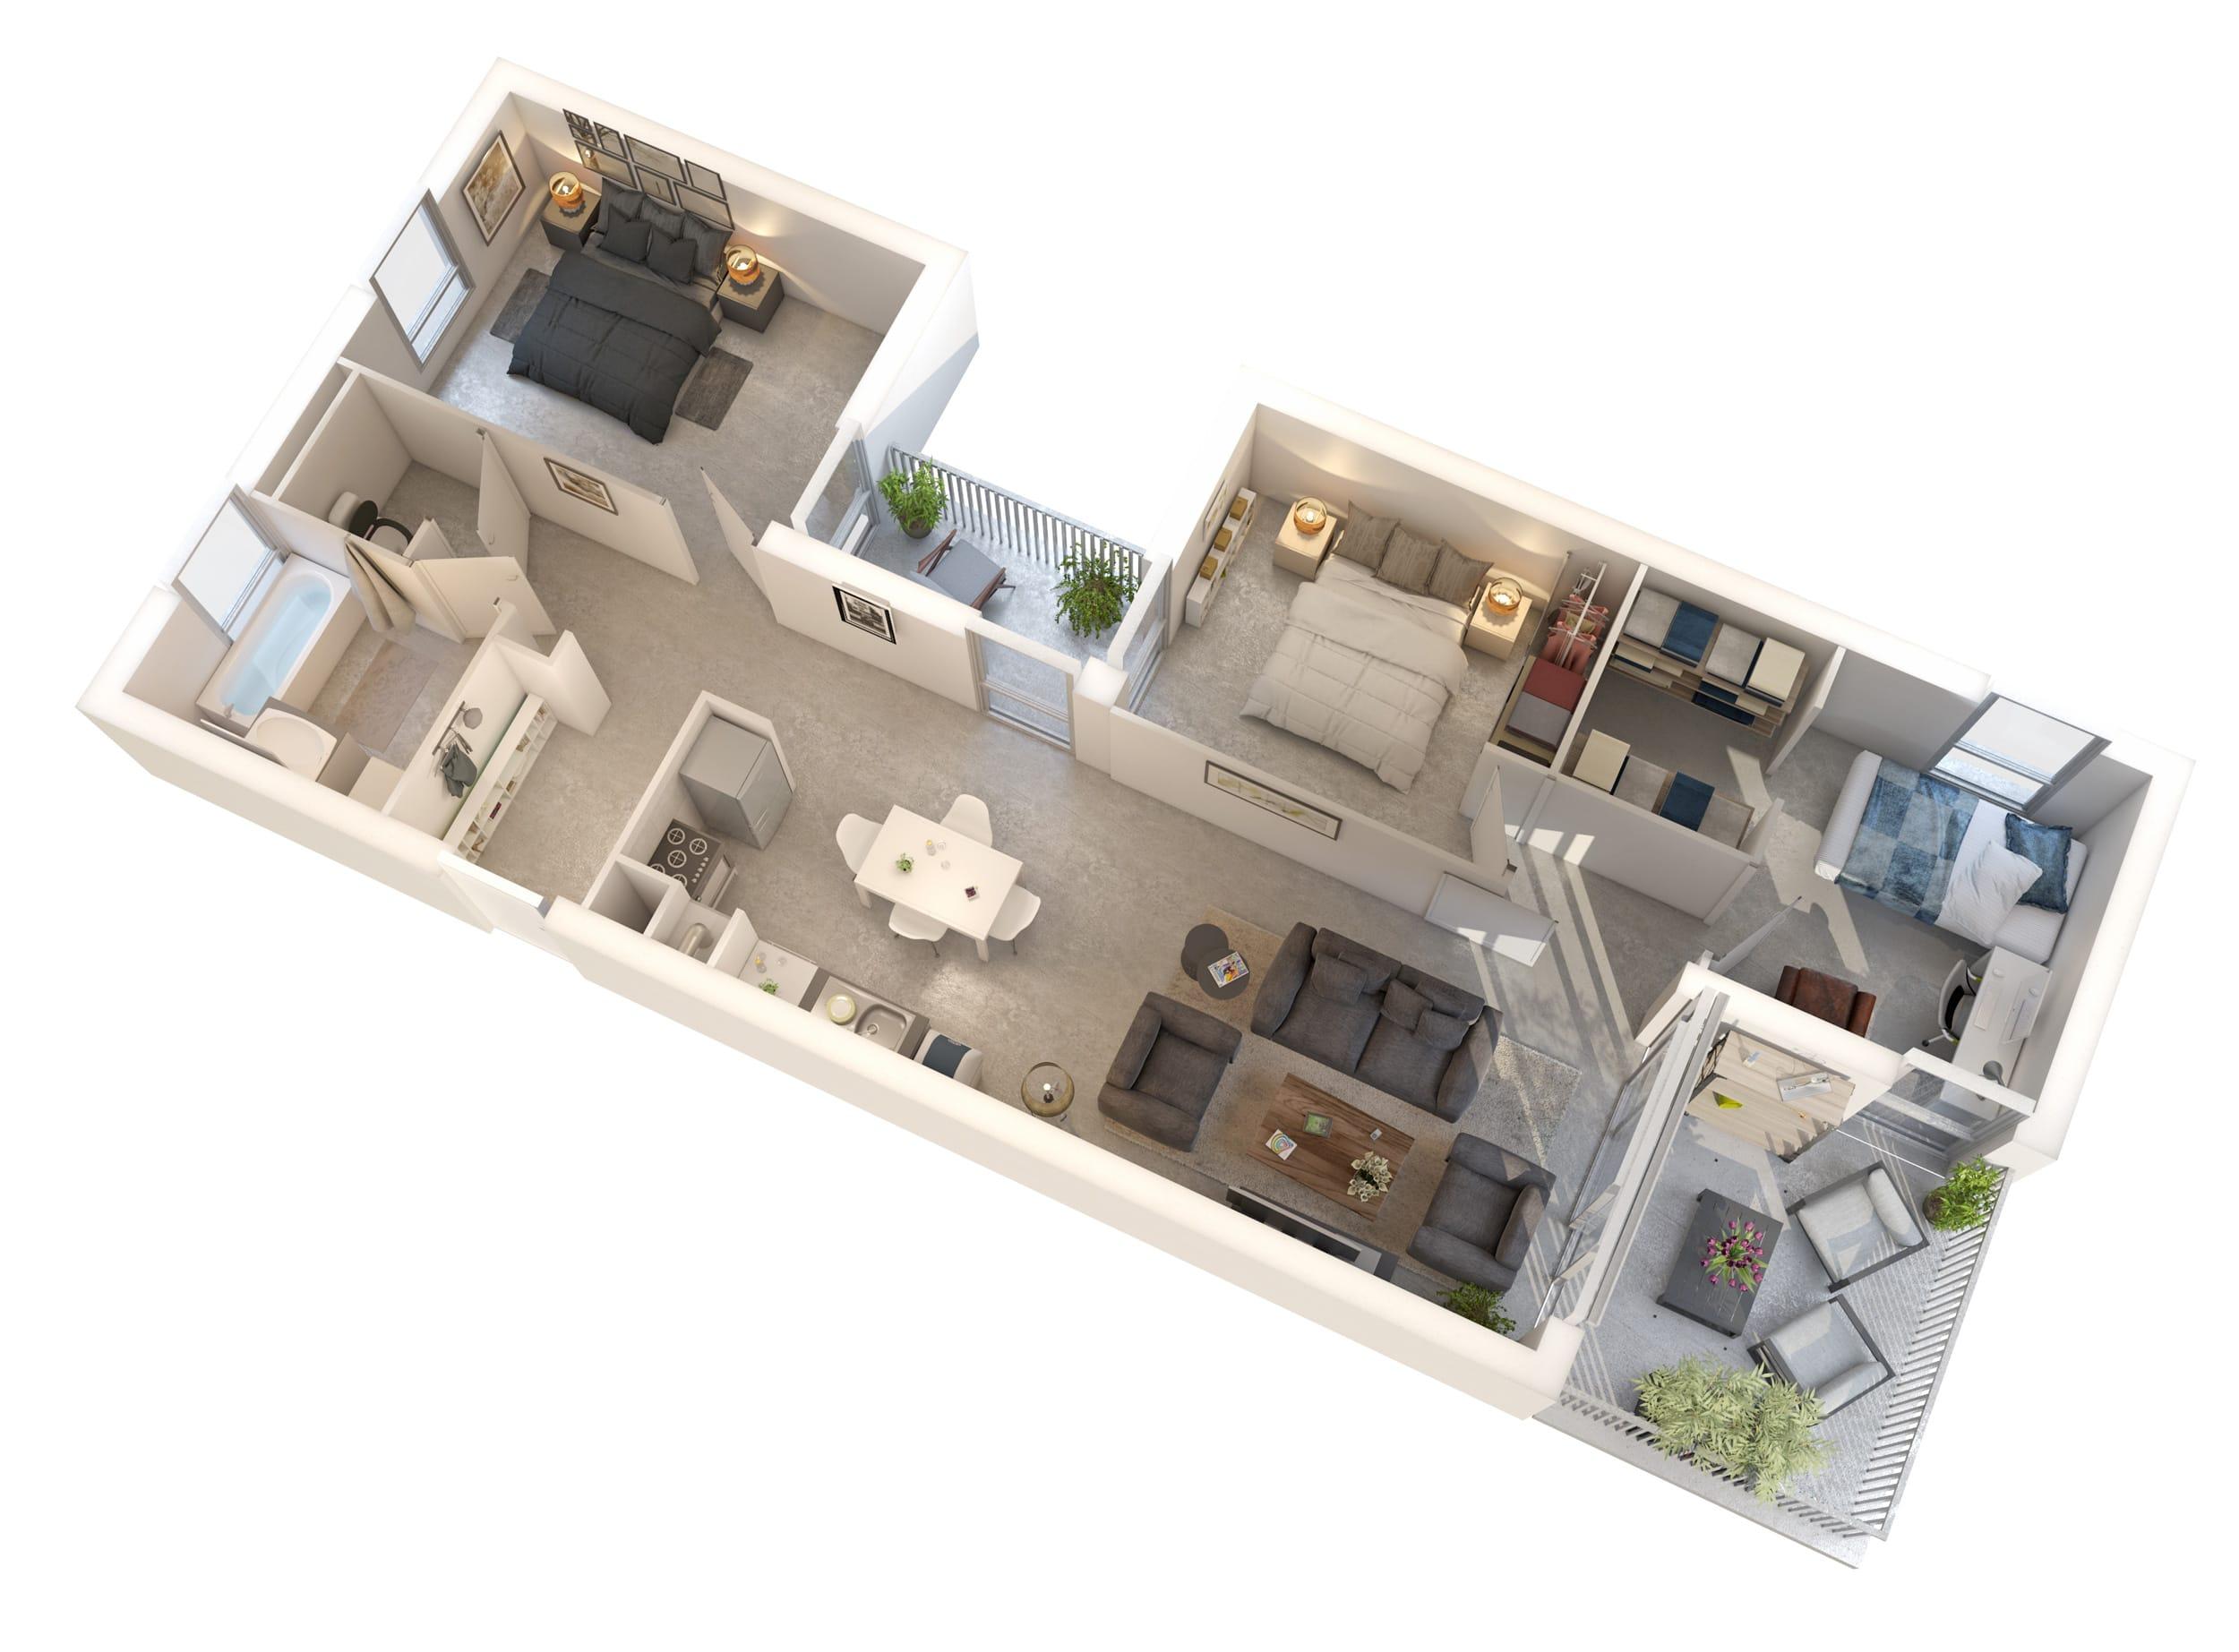 Modélisation d'intérieurs pour logements collectifs, aménagement intérieur type T4